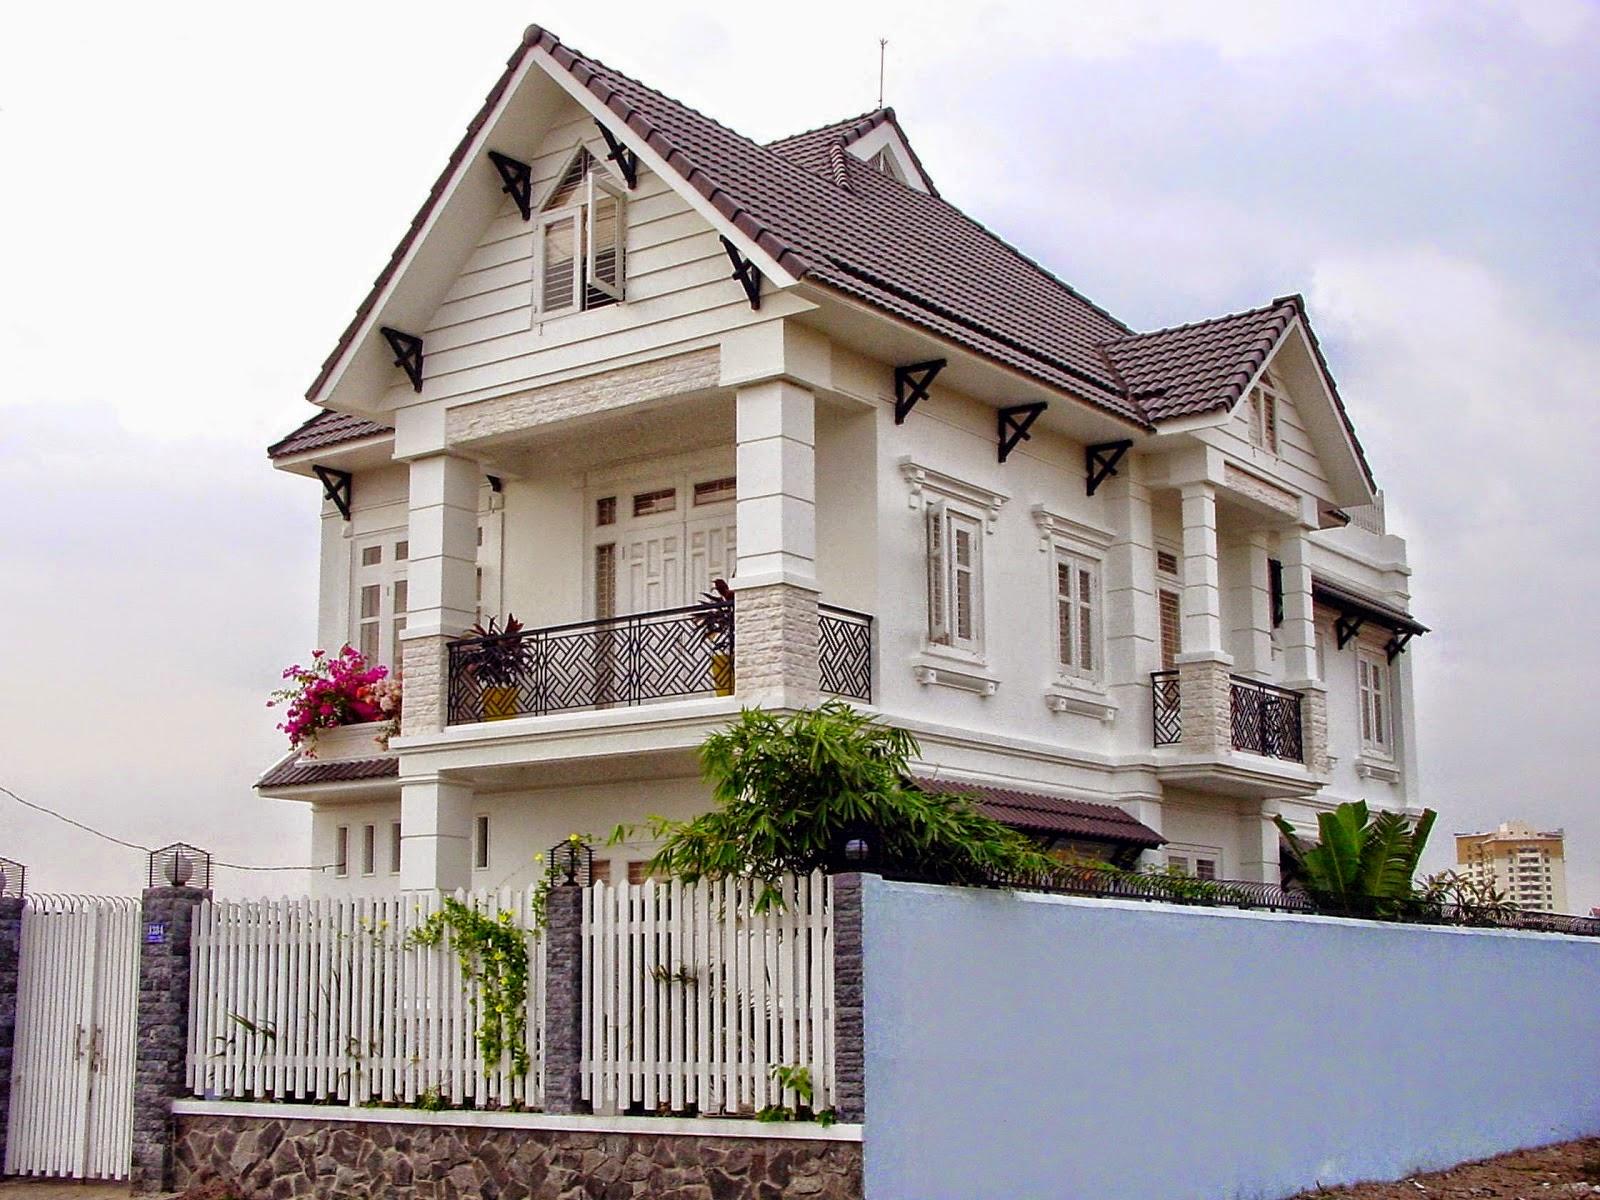 10+ Mẫu nhà biệt thự 2 tầng hình chữ L lợp tôn phong cách hiện đại (Phần 1)